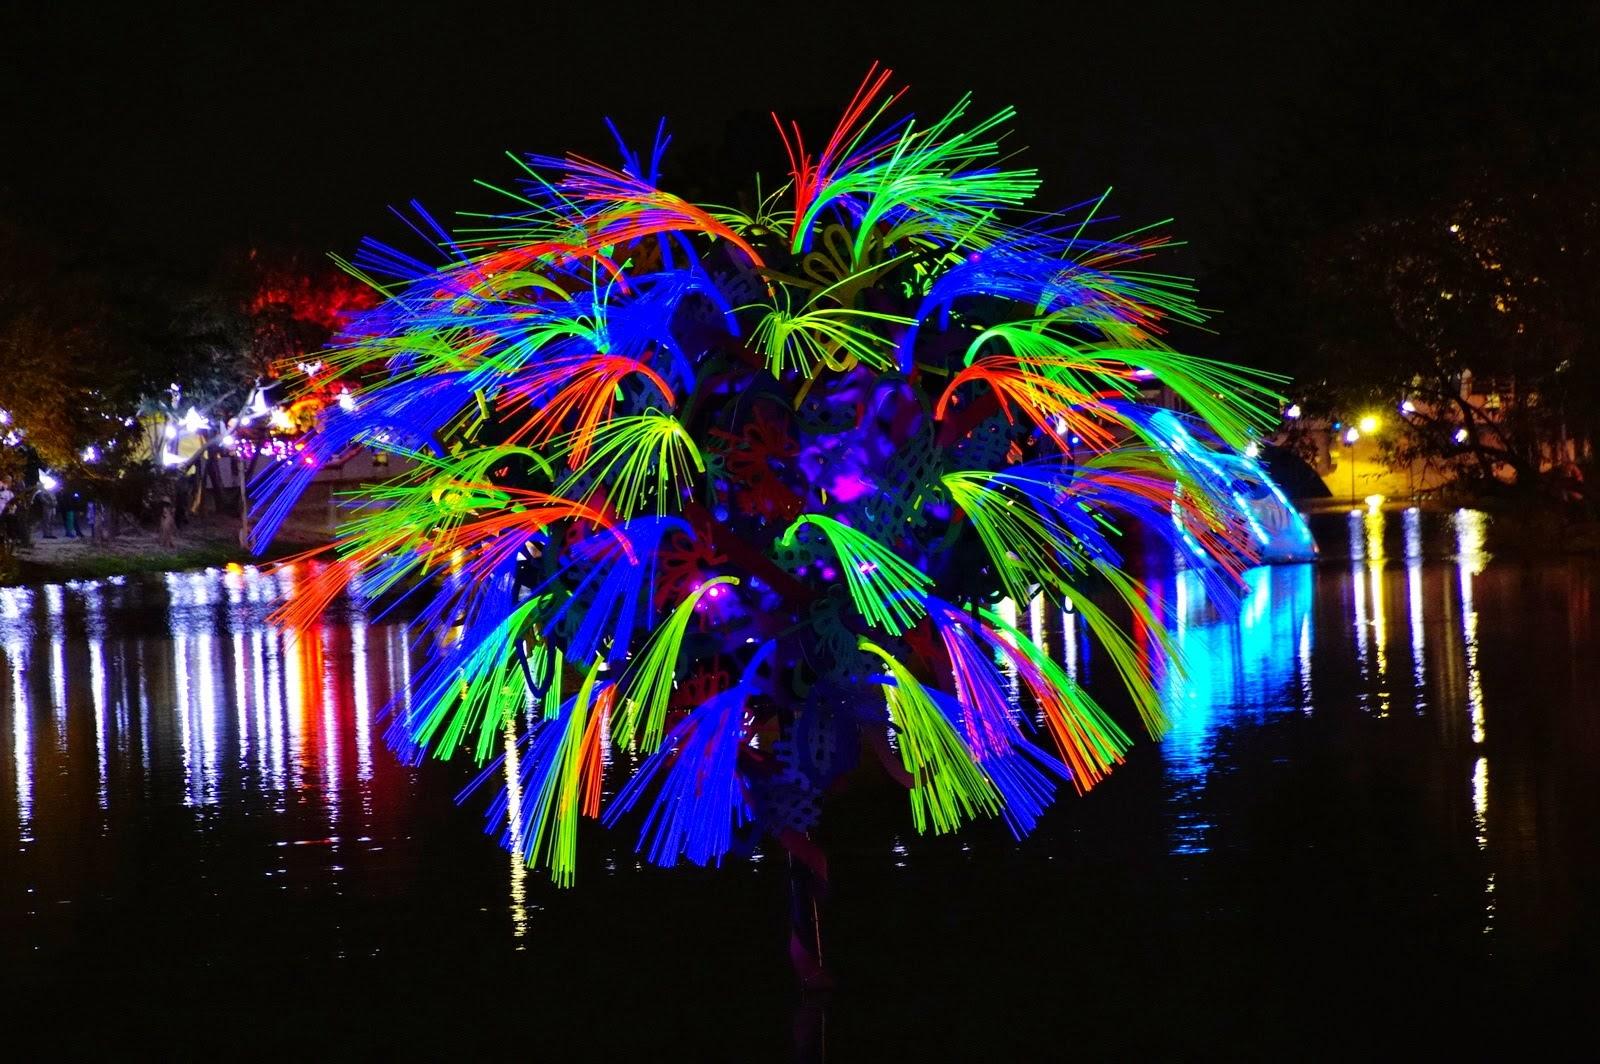 [活動] 2020月津港燈節7大亮點曝光|以【海市蜃樓】重現奇幻海港意象|1/18正式登場